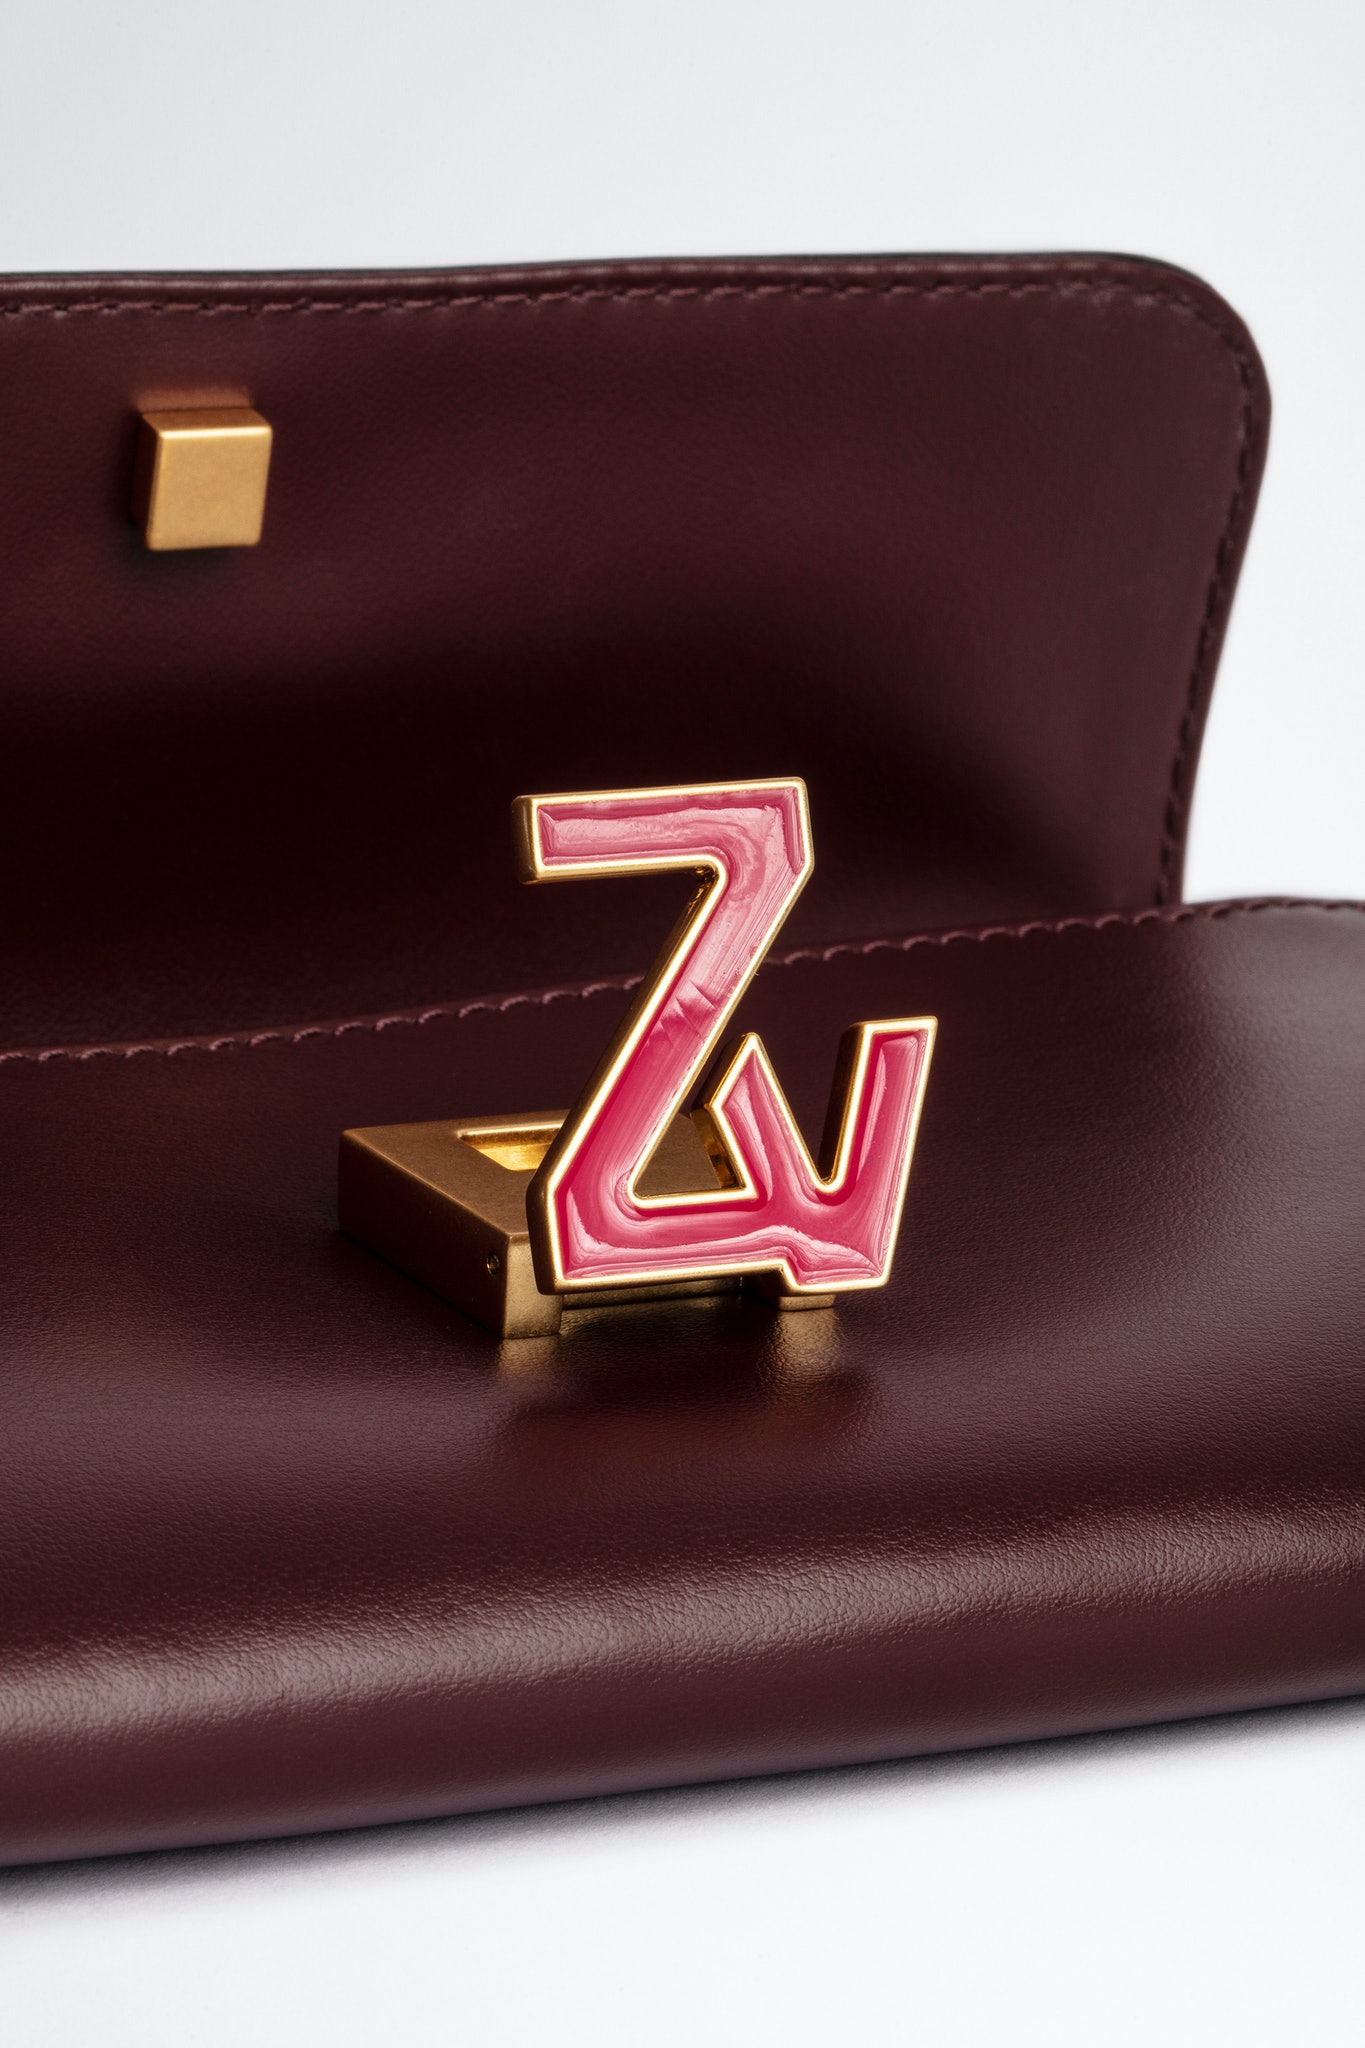 Portafoglio ZV Initiale Le Long